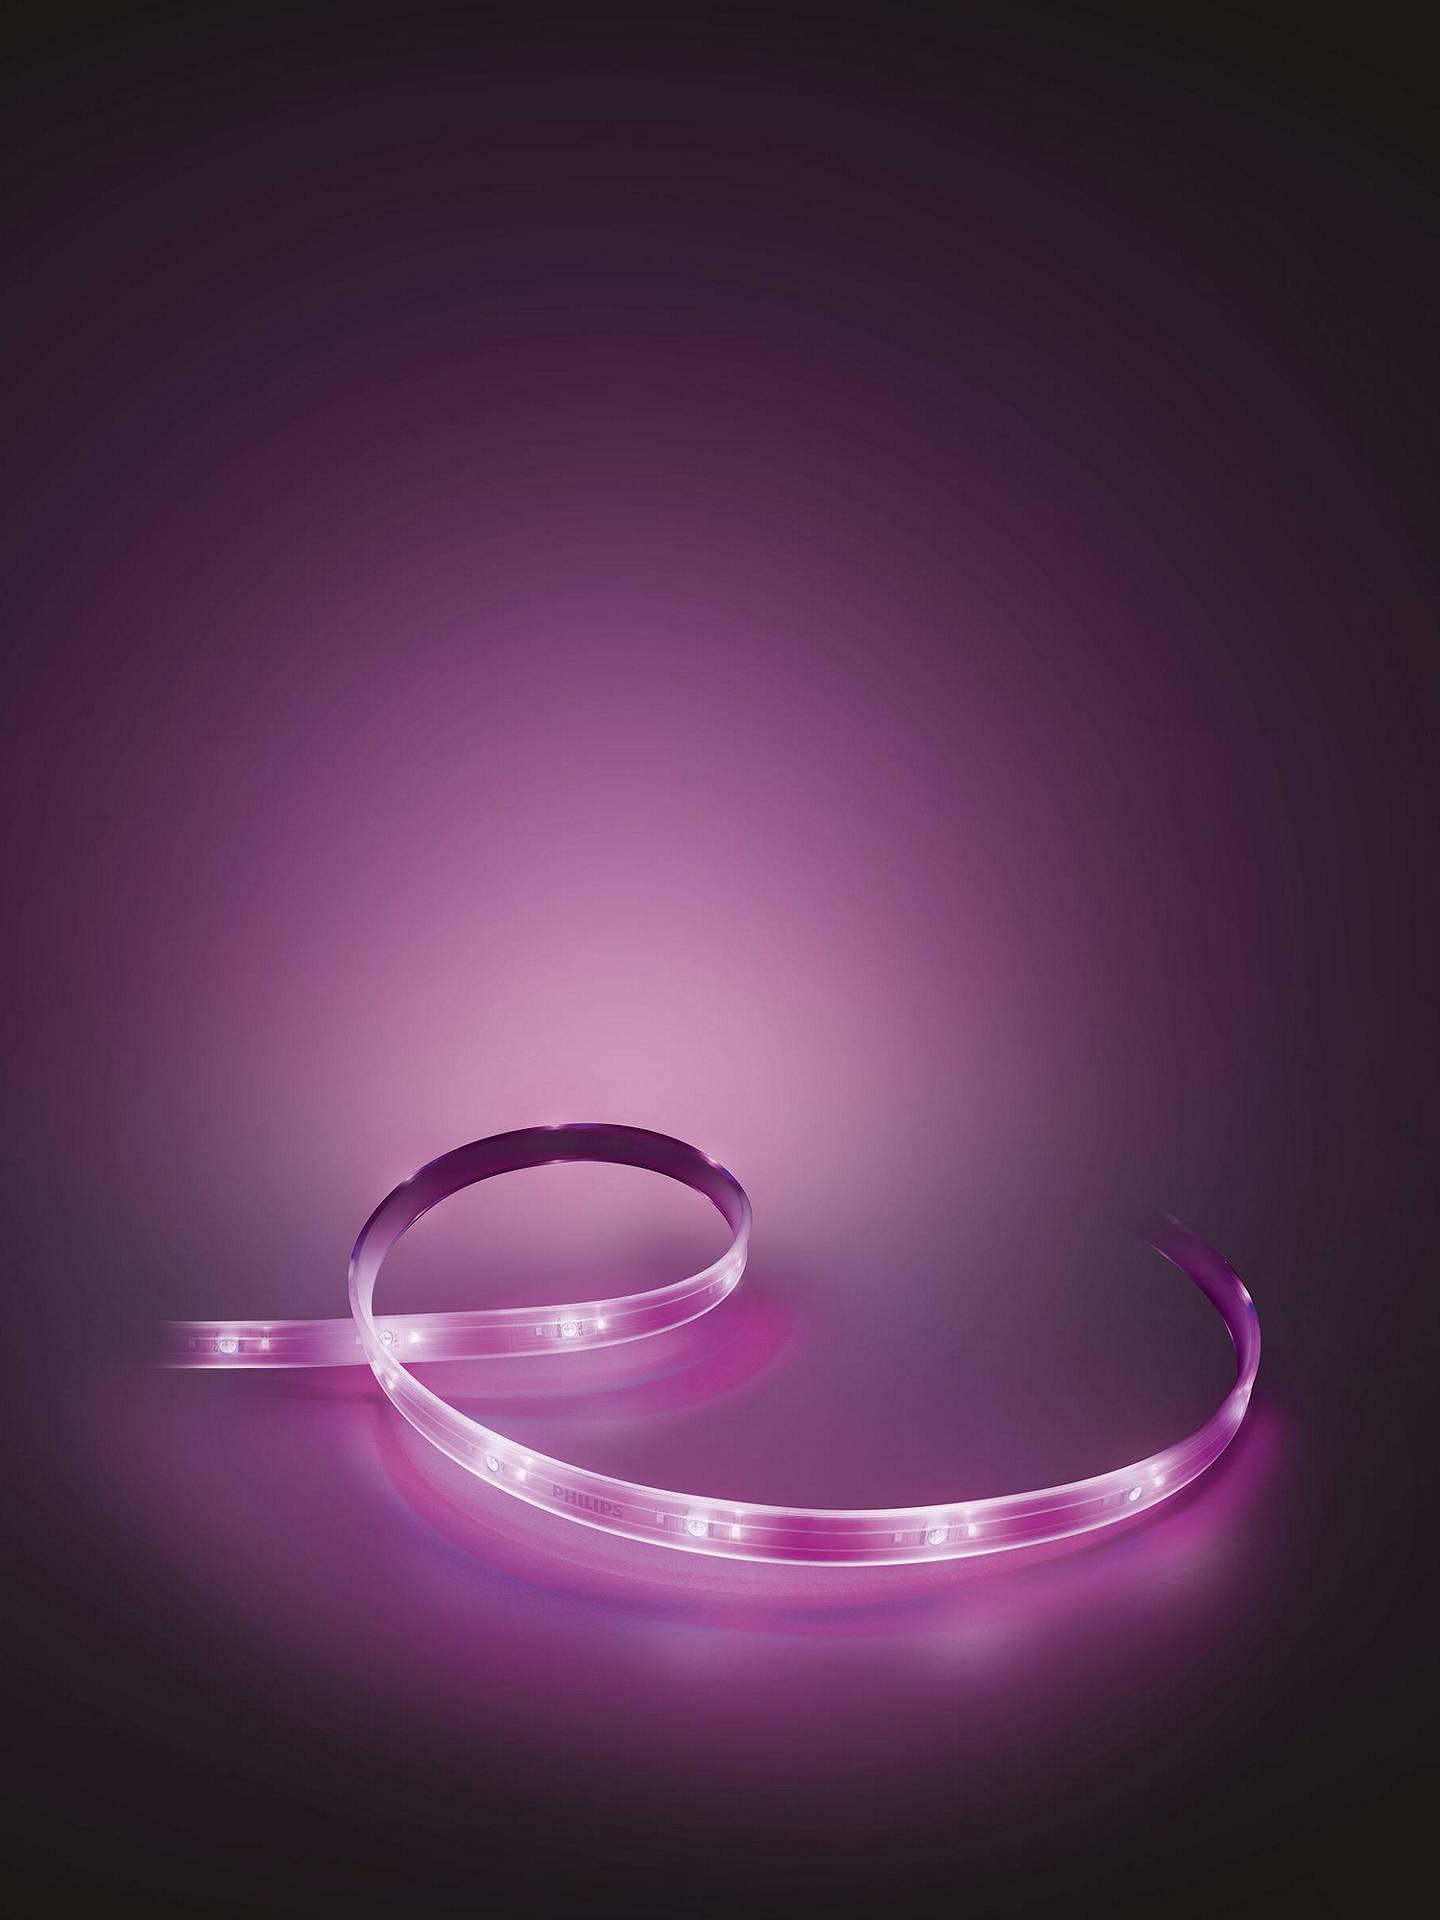 Philips Hue Personal Wireless Lighting Lightstrip Plus, 200cm LED  LightStrips Kit